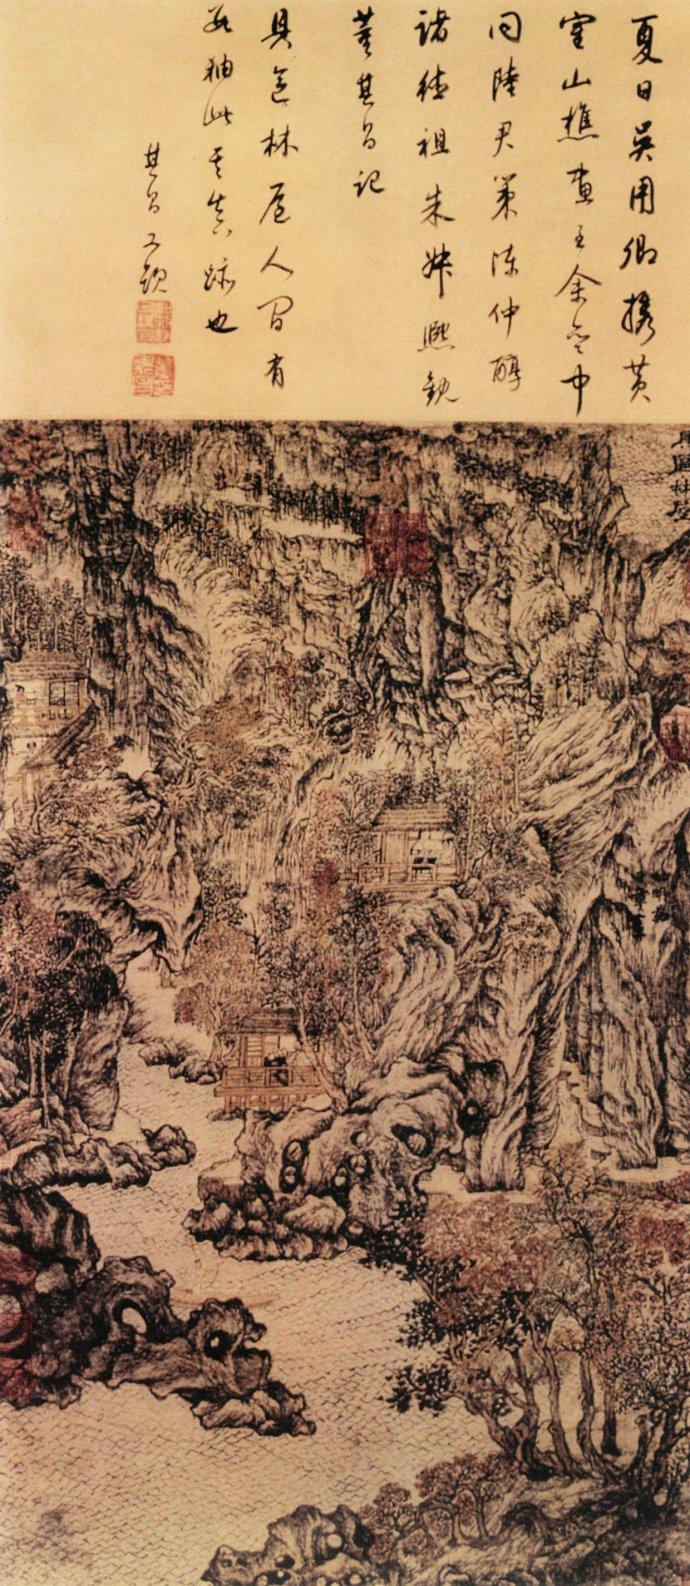 元 王蒙《具区林屋图》